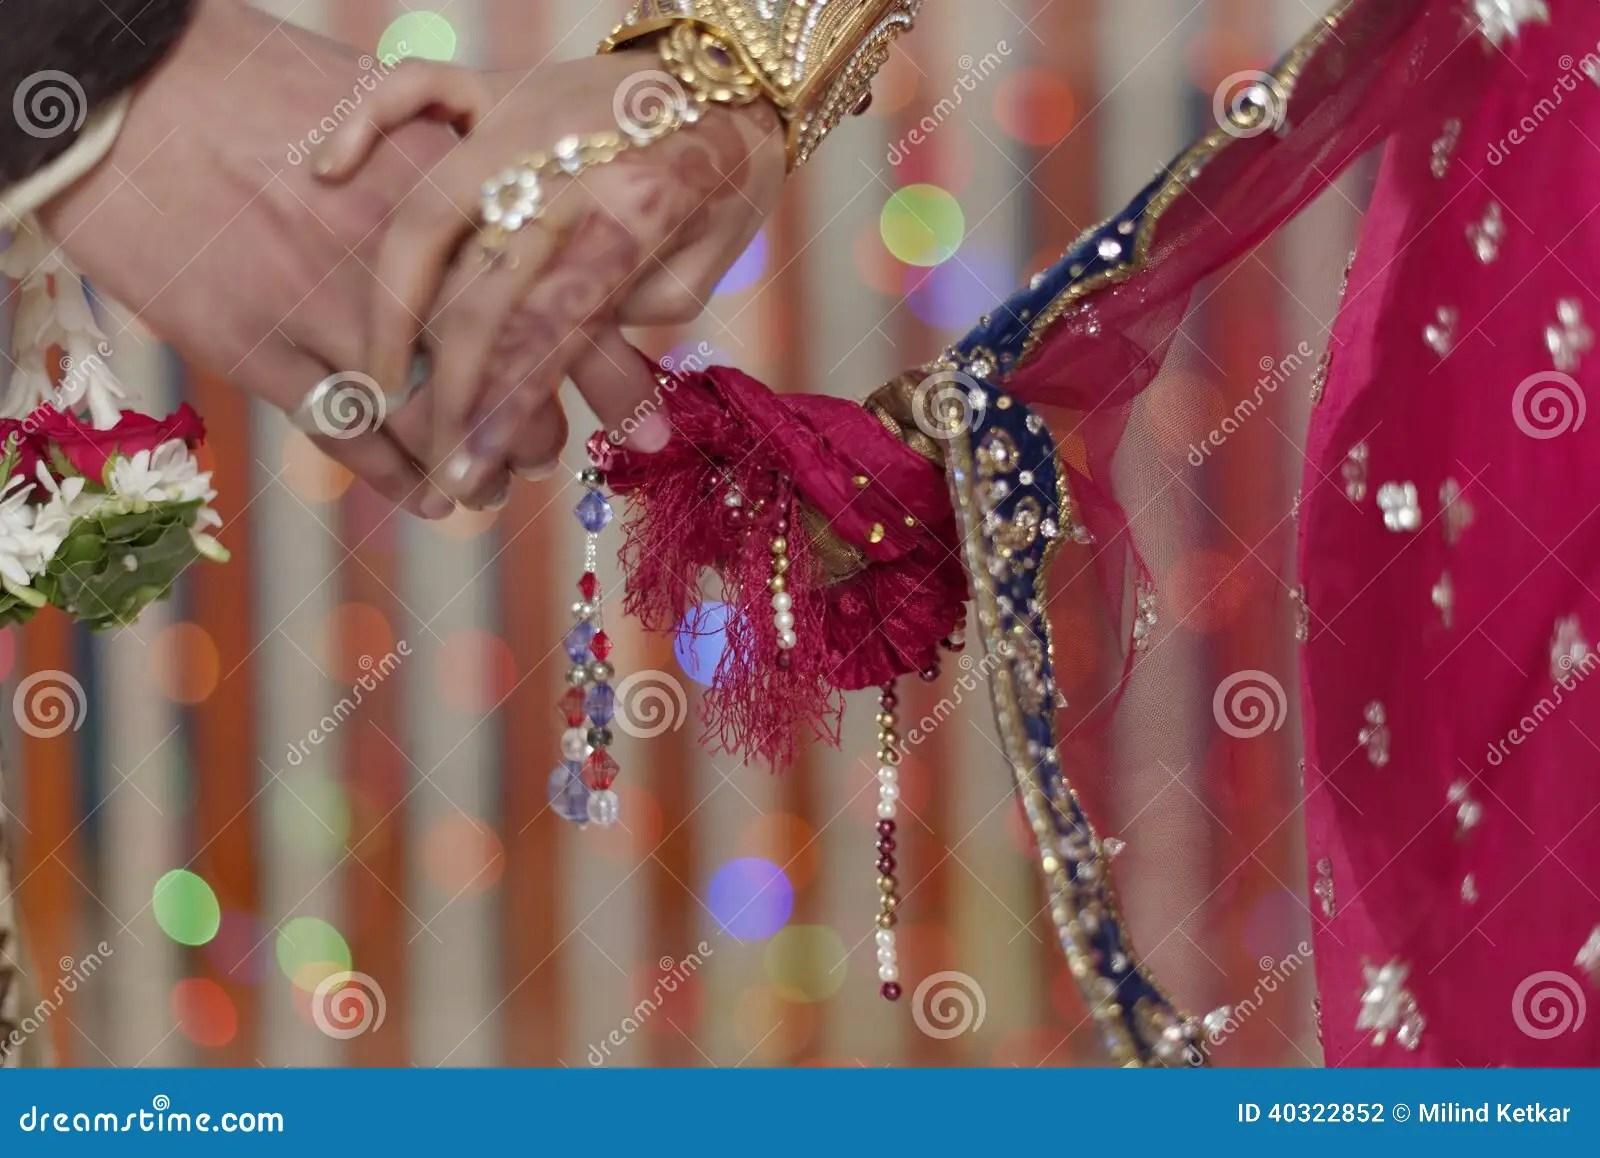 Image Result For Hindu Wedding Dresses Bride